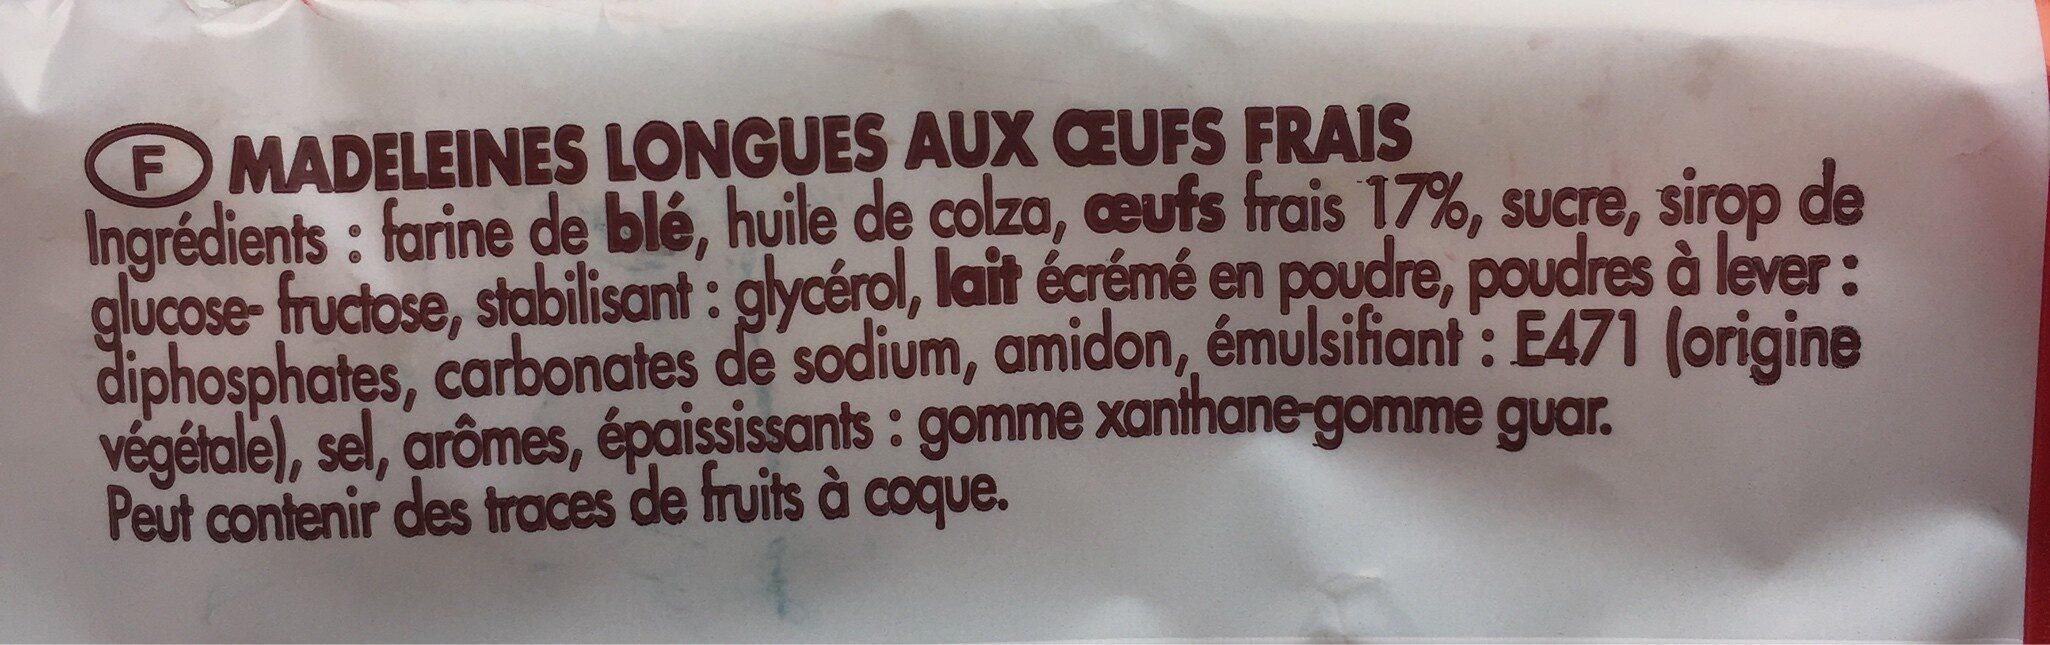 20 madeleines longues aux oeufs frais - Ingrédients